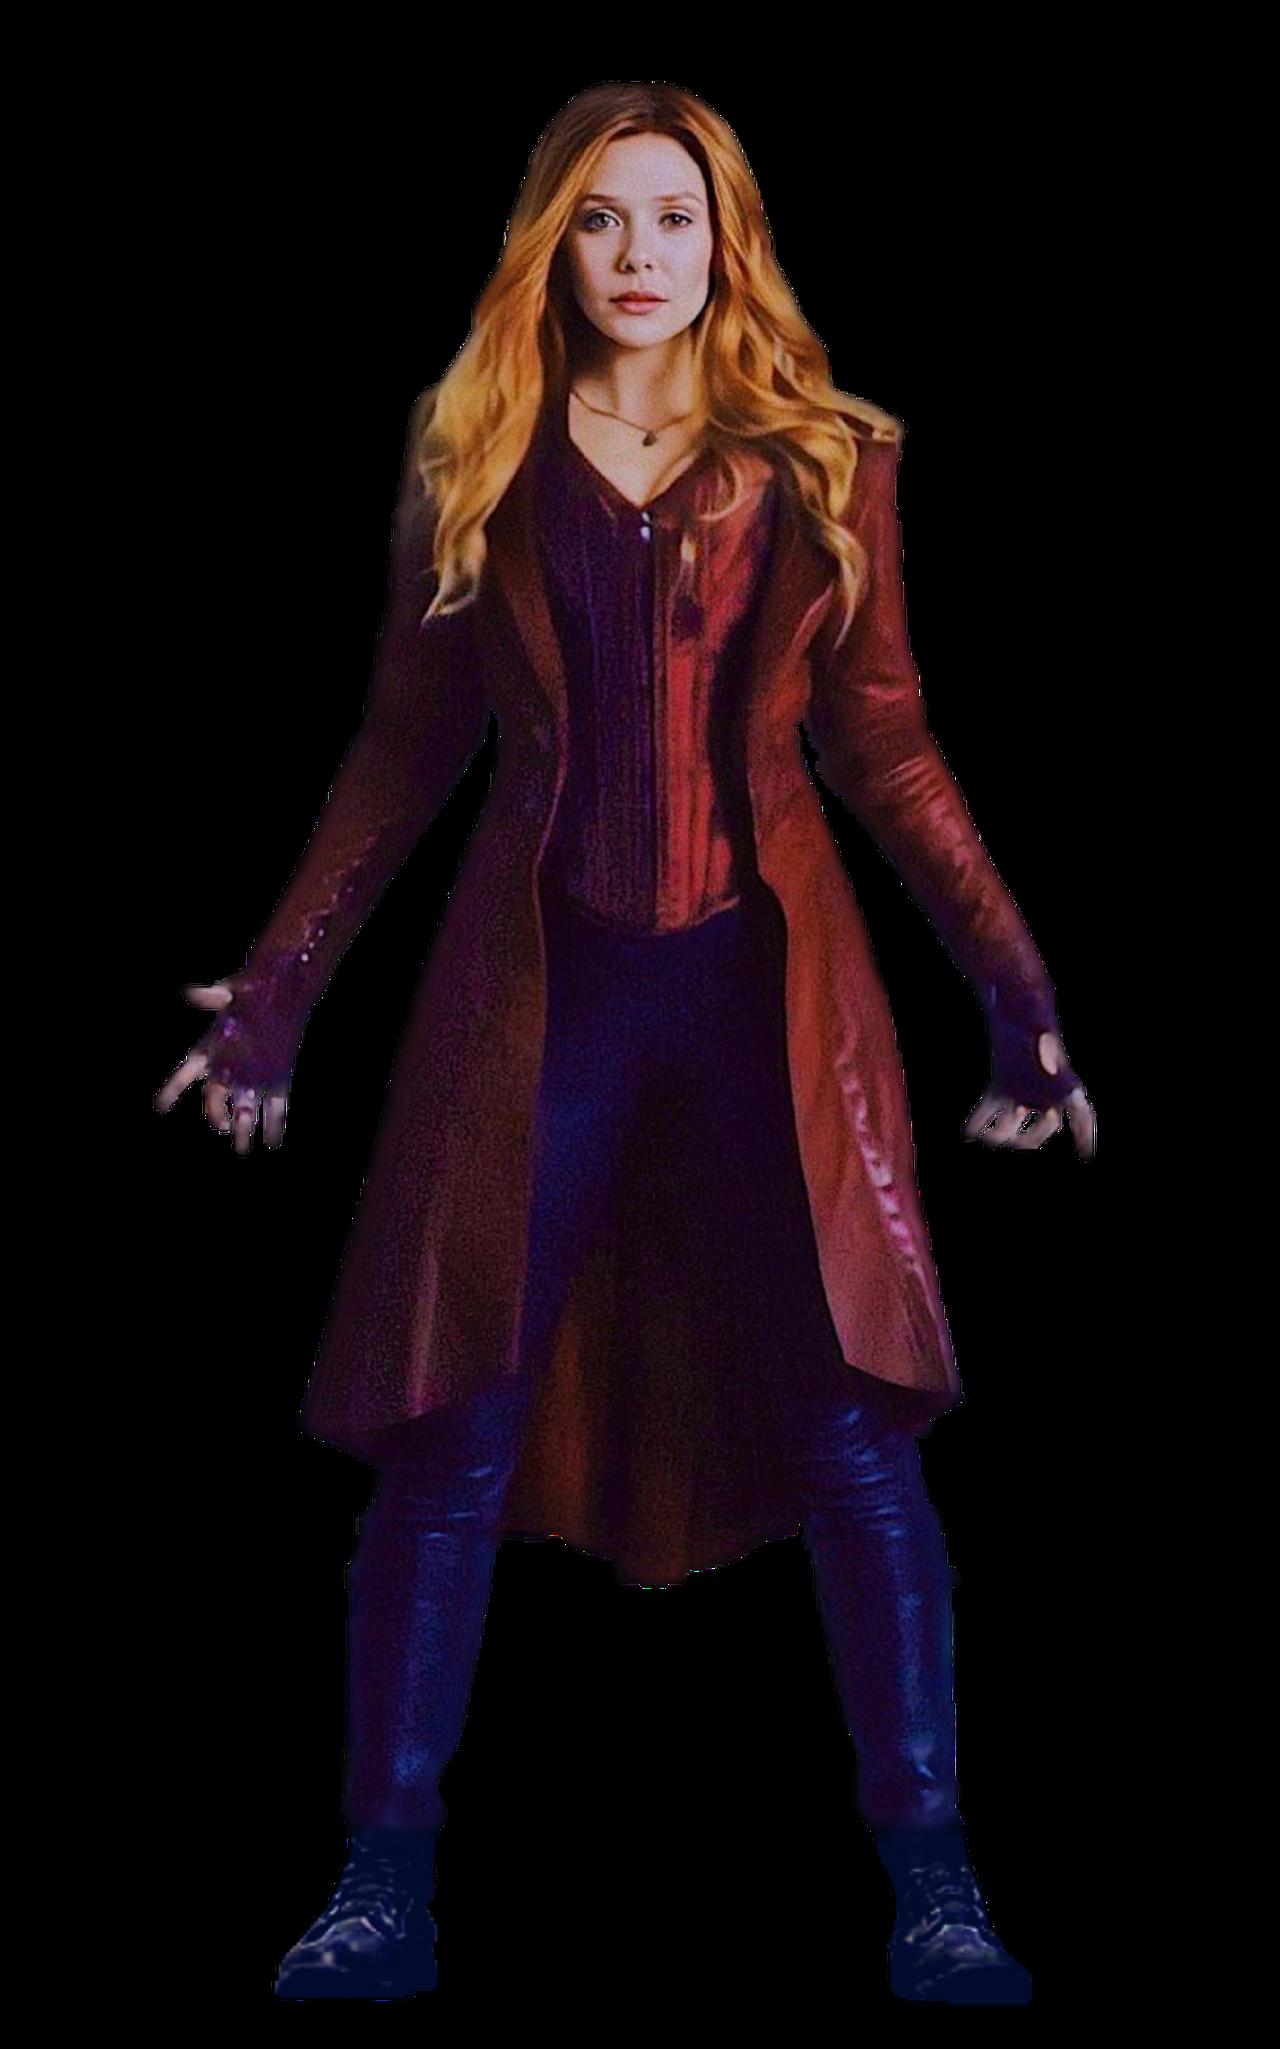 Endgame - Scarlet Witch (1) by sidewinder16 on DeviantArt